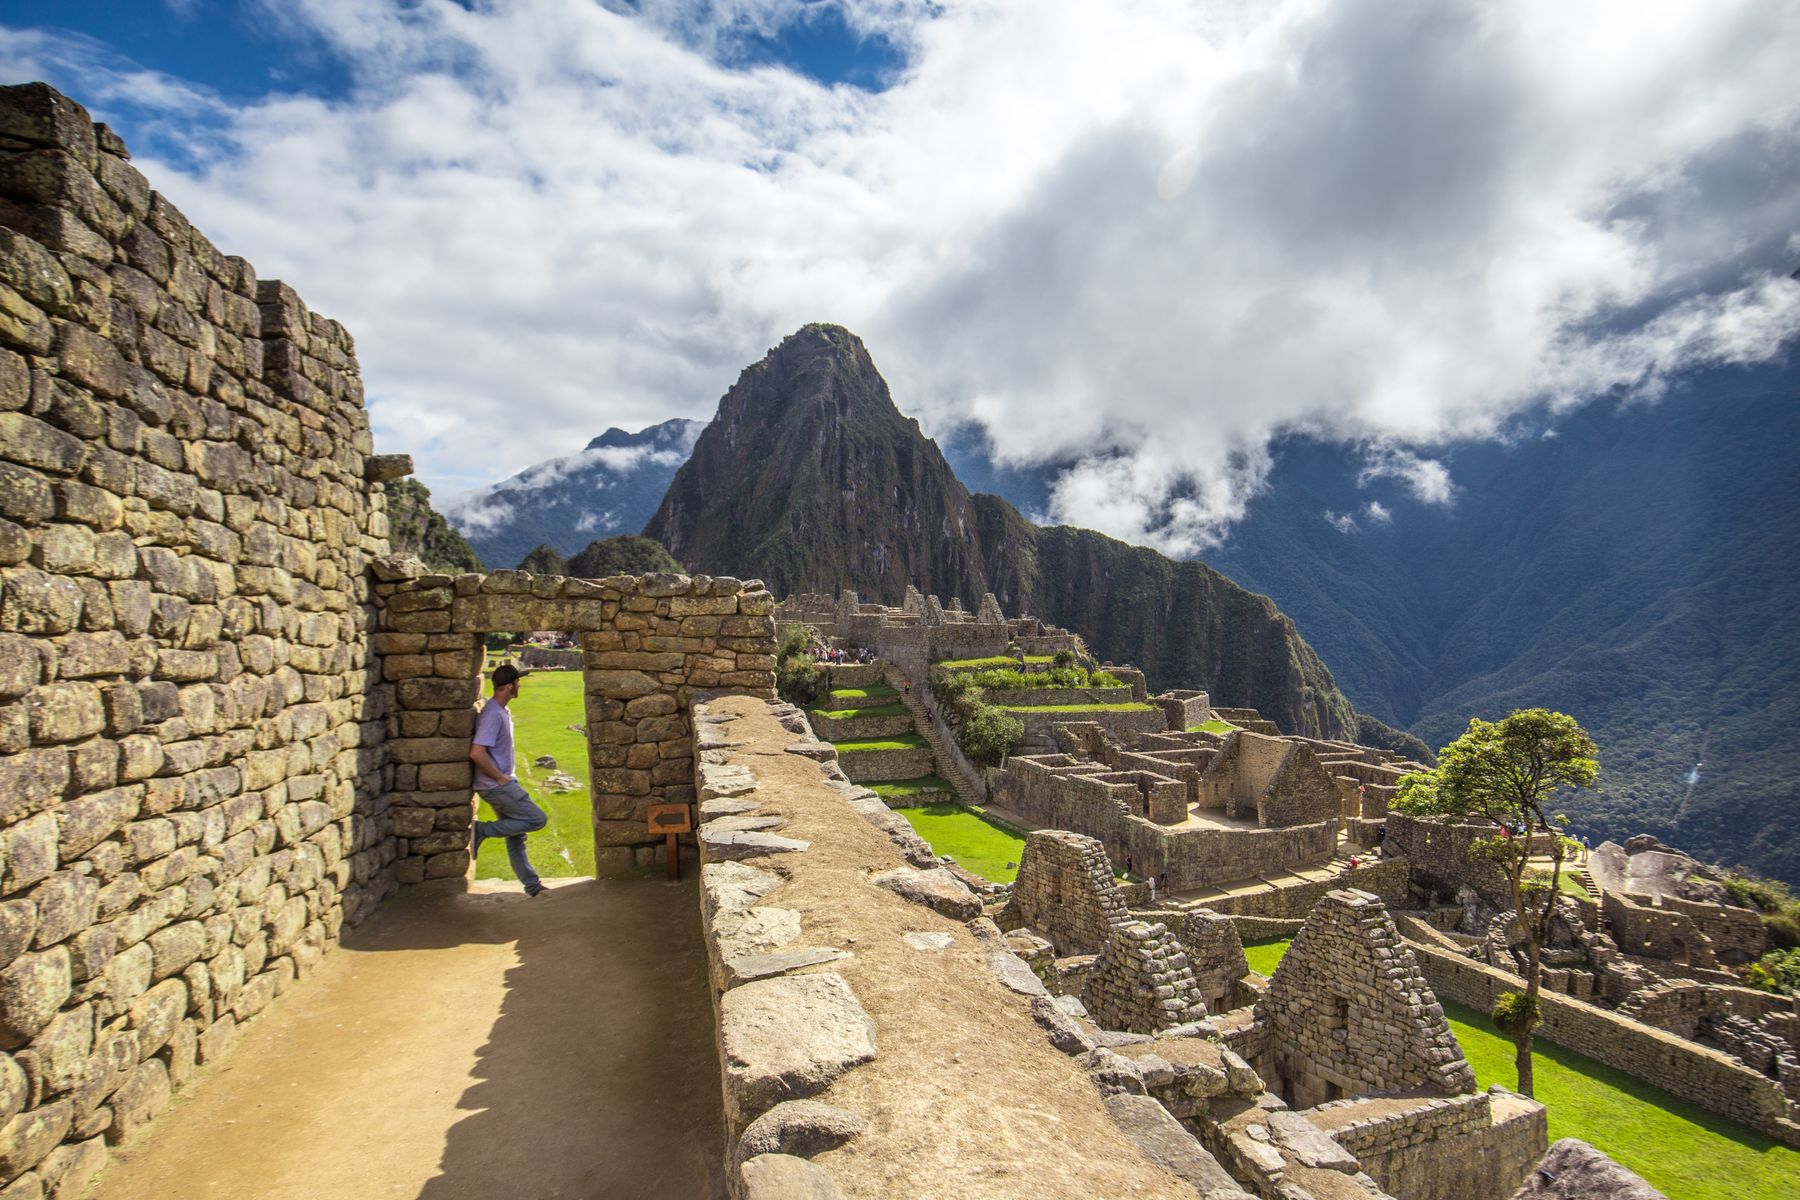 Турист в Мачу-Пикчу, потерянном городе инков